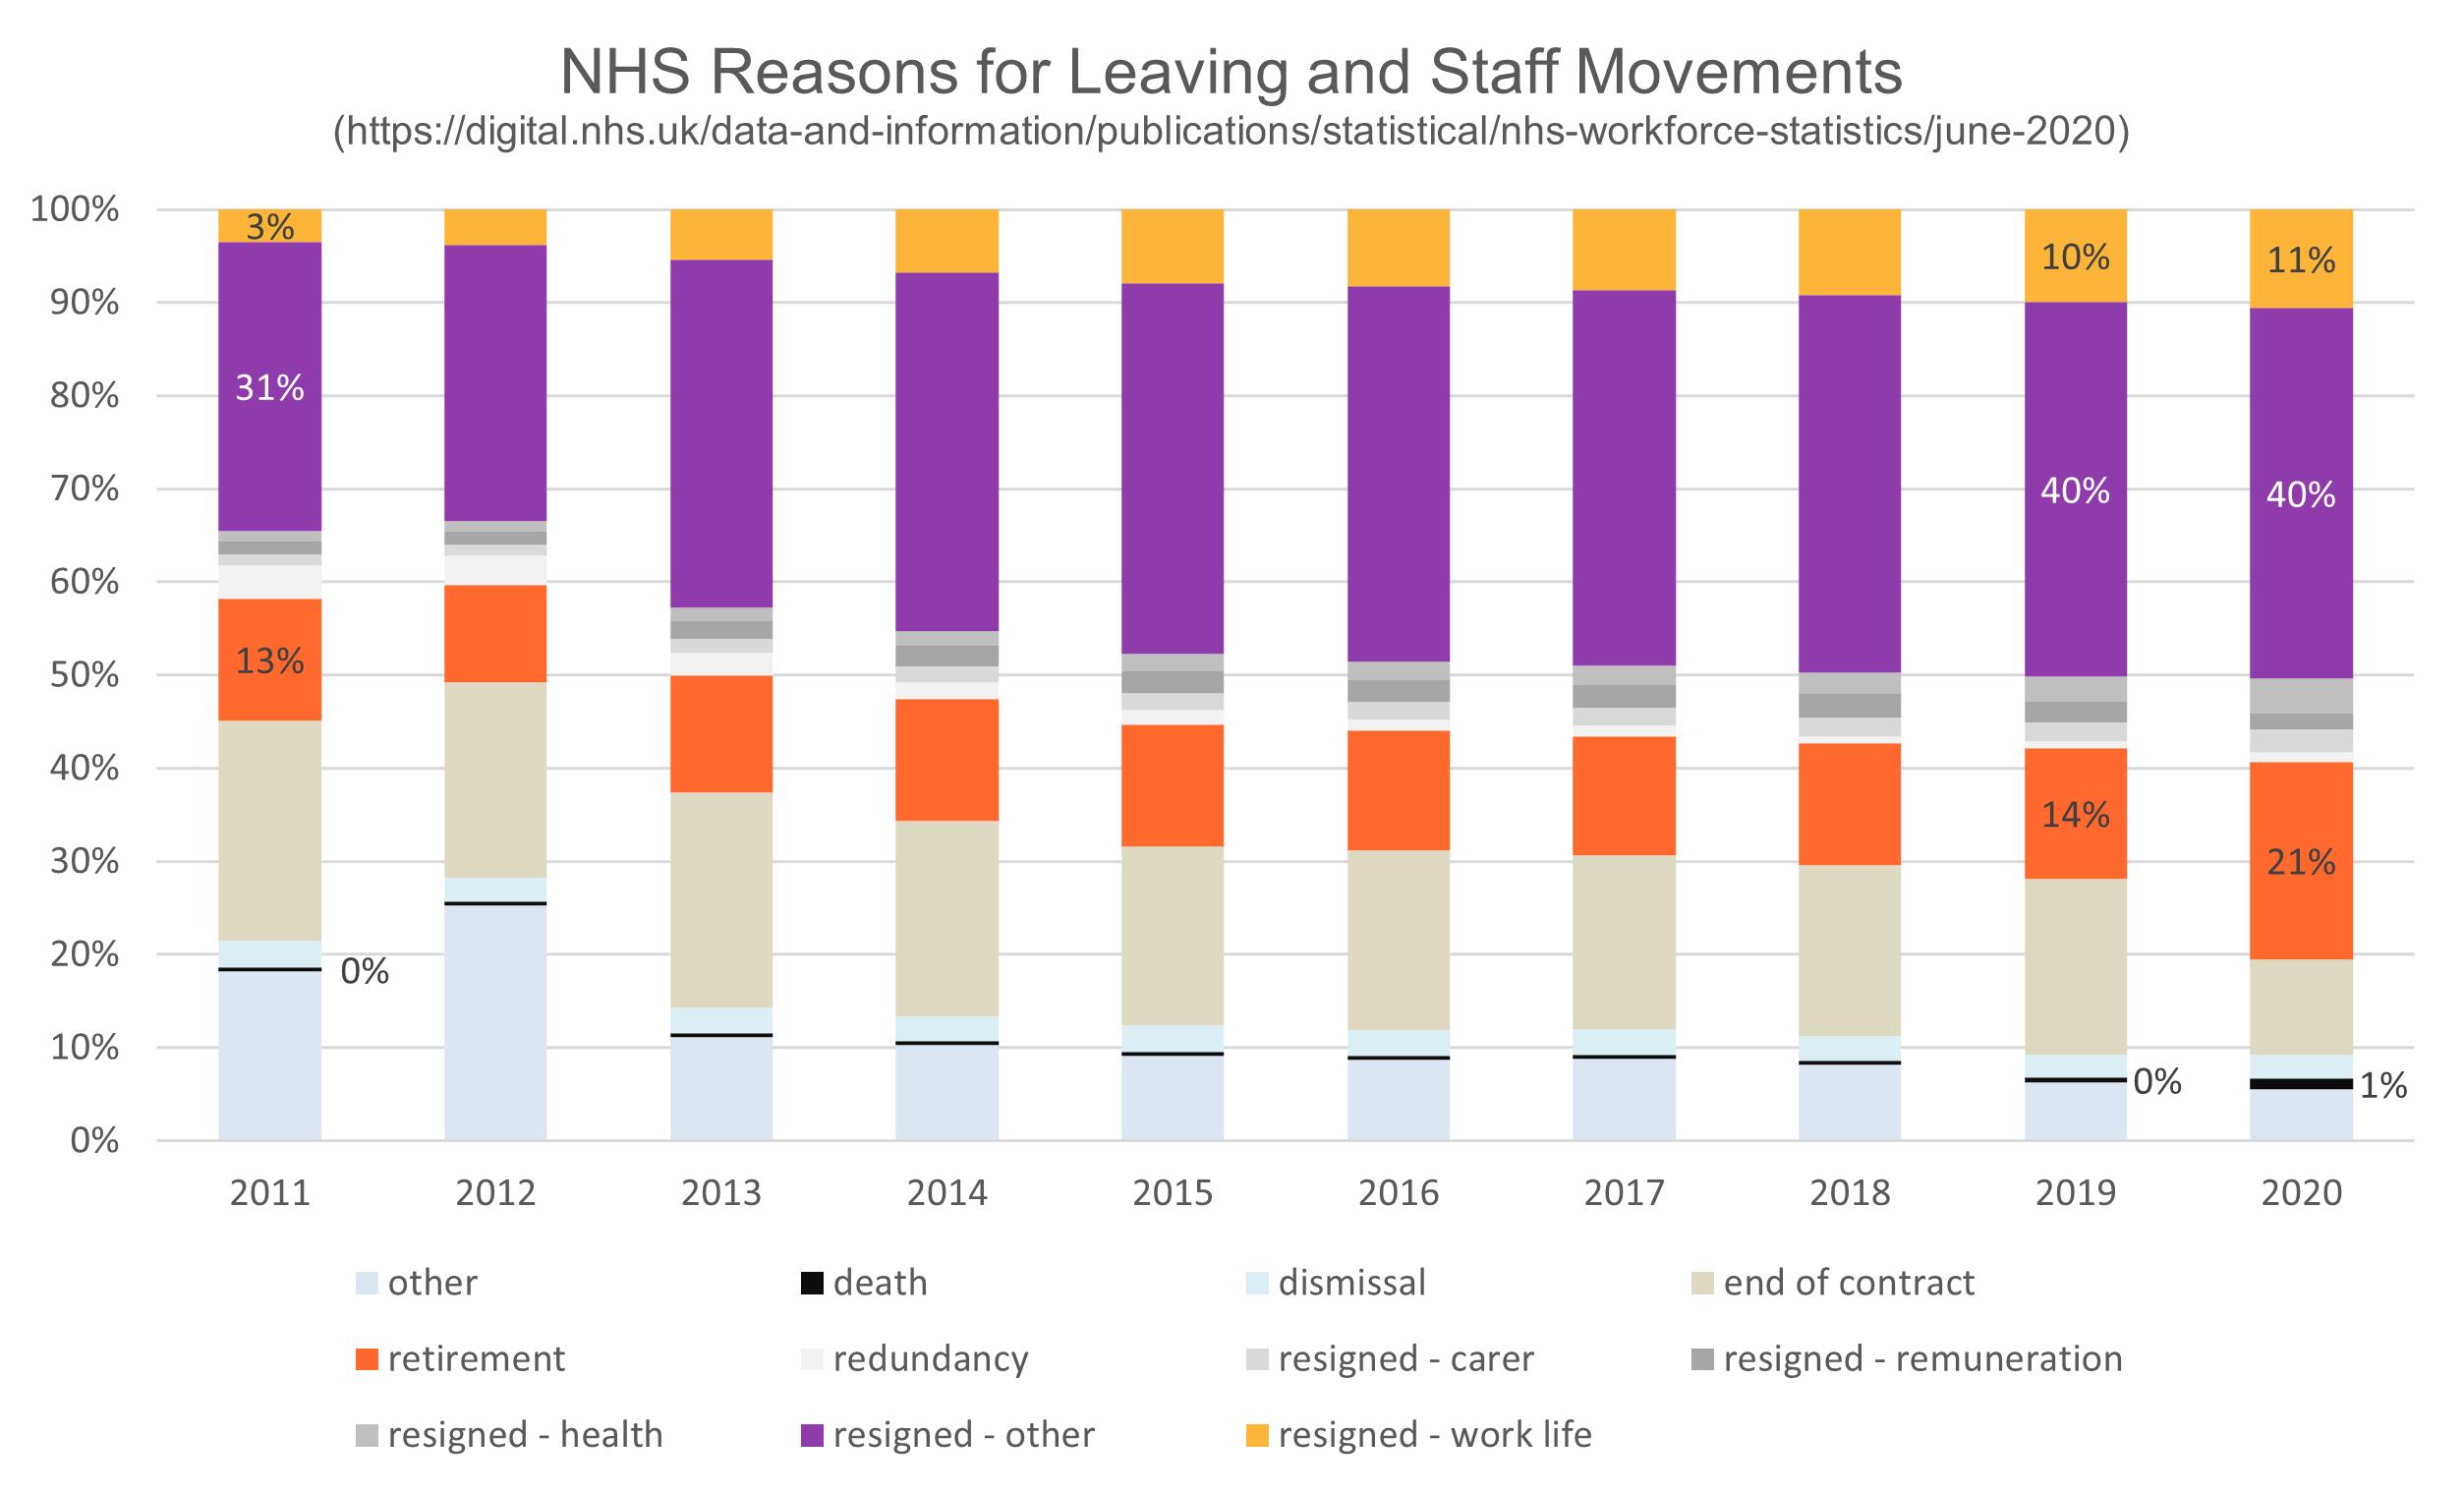 NHS leaving